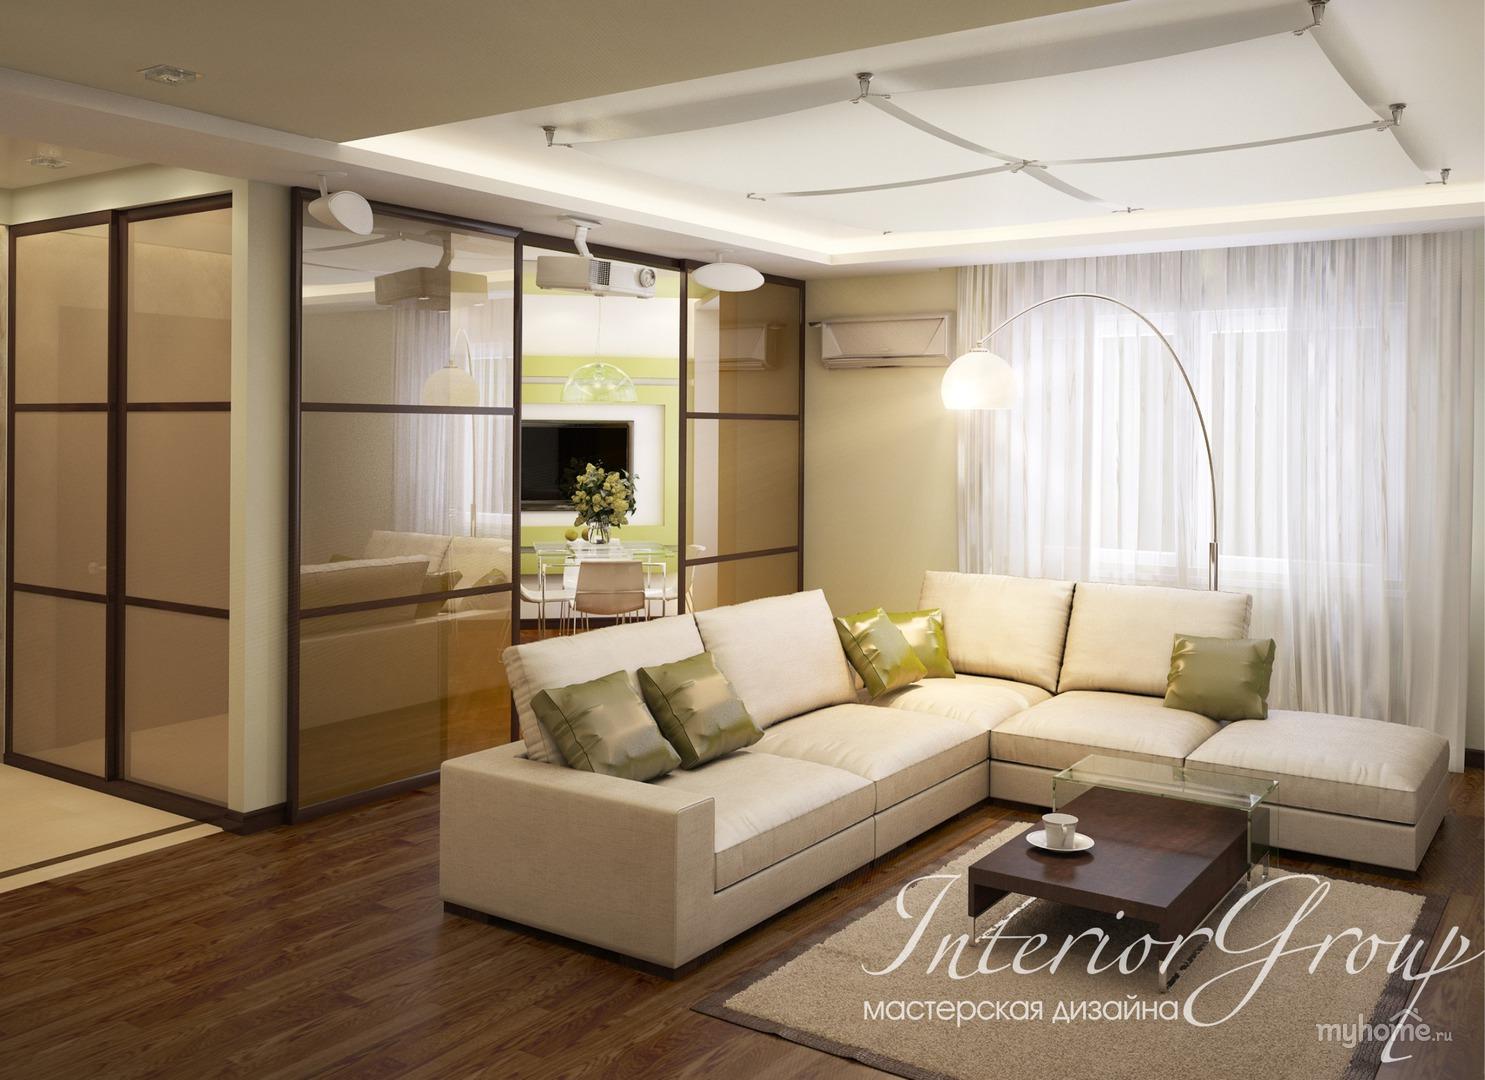 Недвижимость в Тюмени покупка и продажа недвижимости